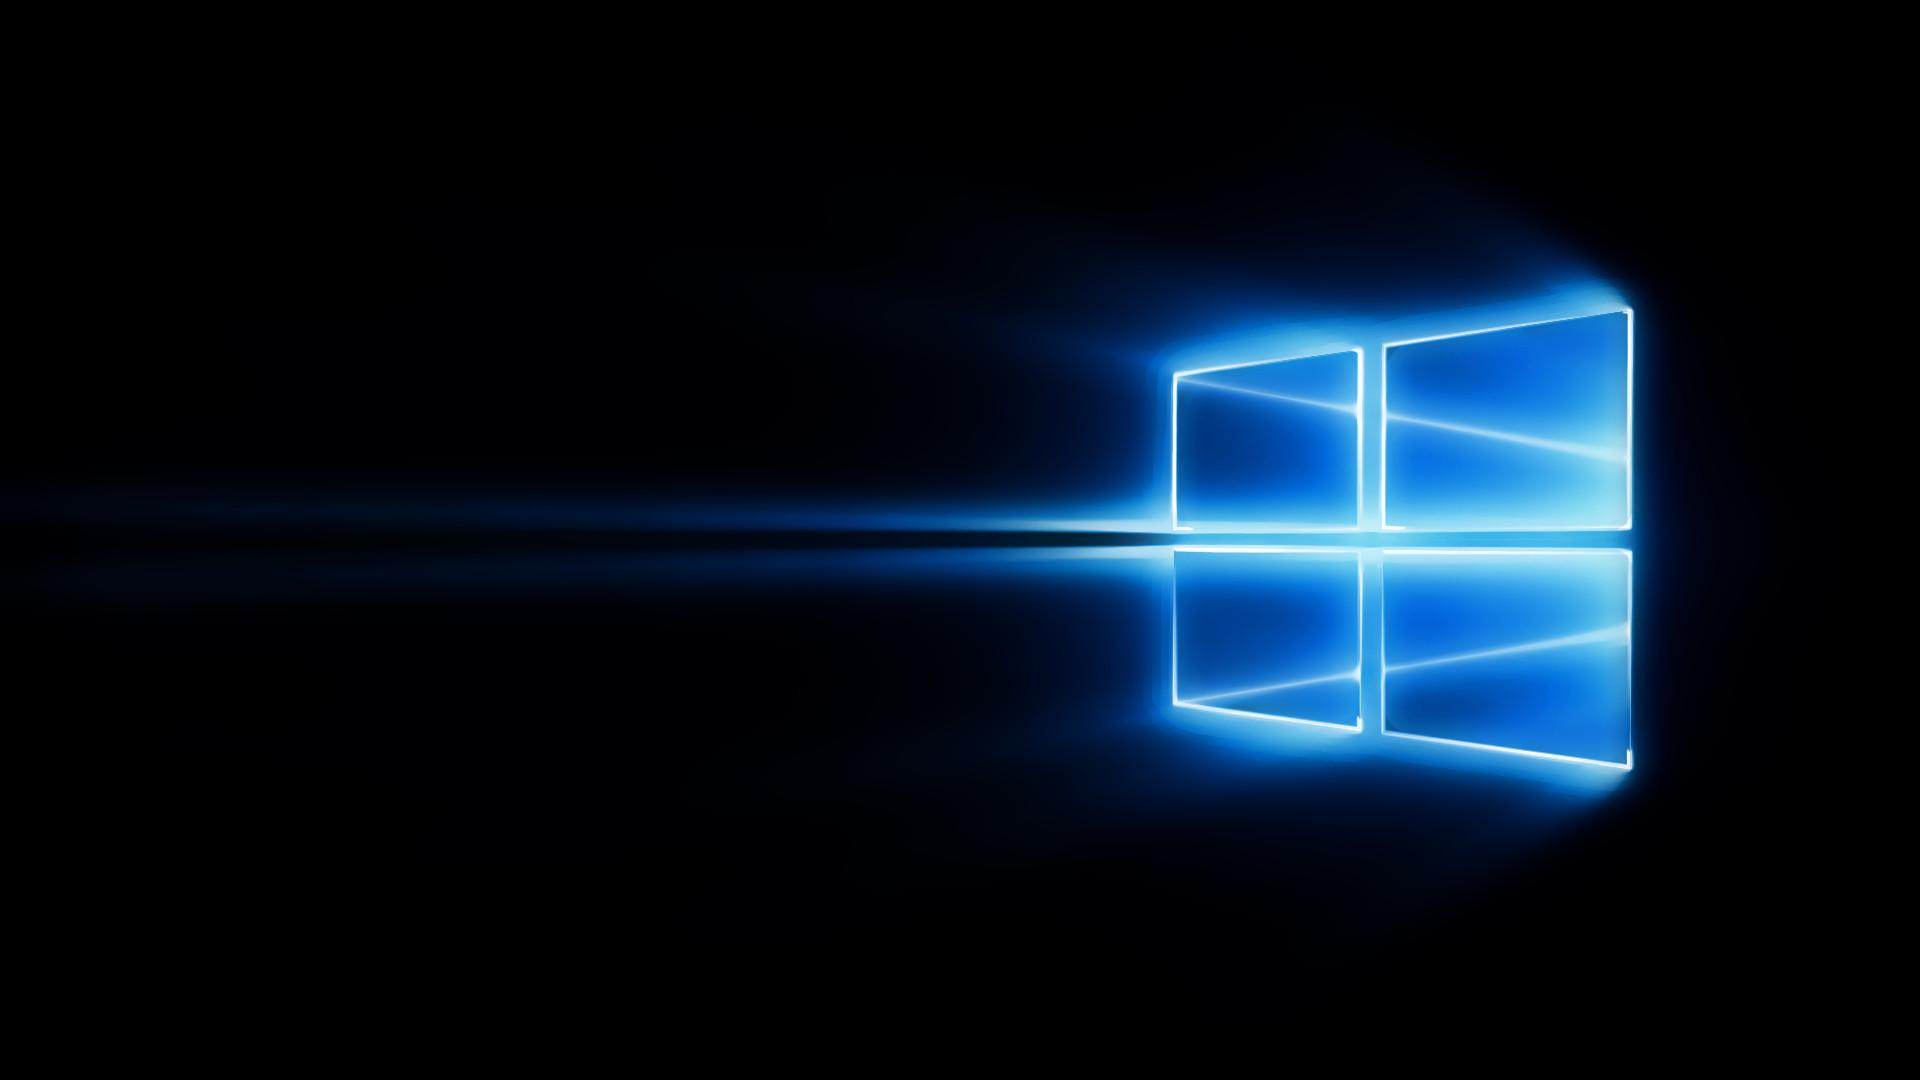 #6872190 Windows 10 Logo Wallpaper for PC, Mobile